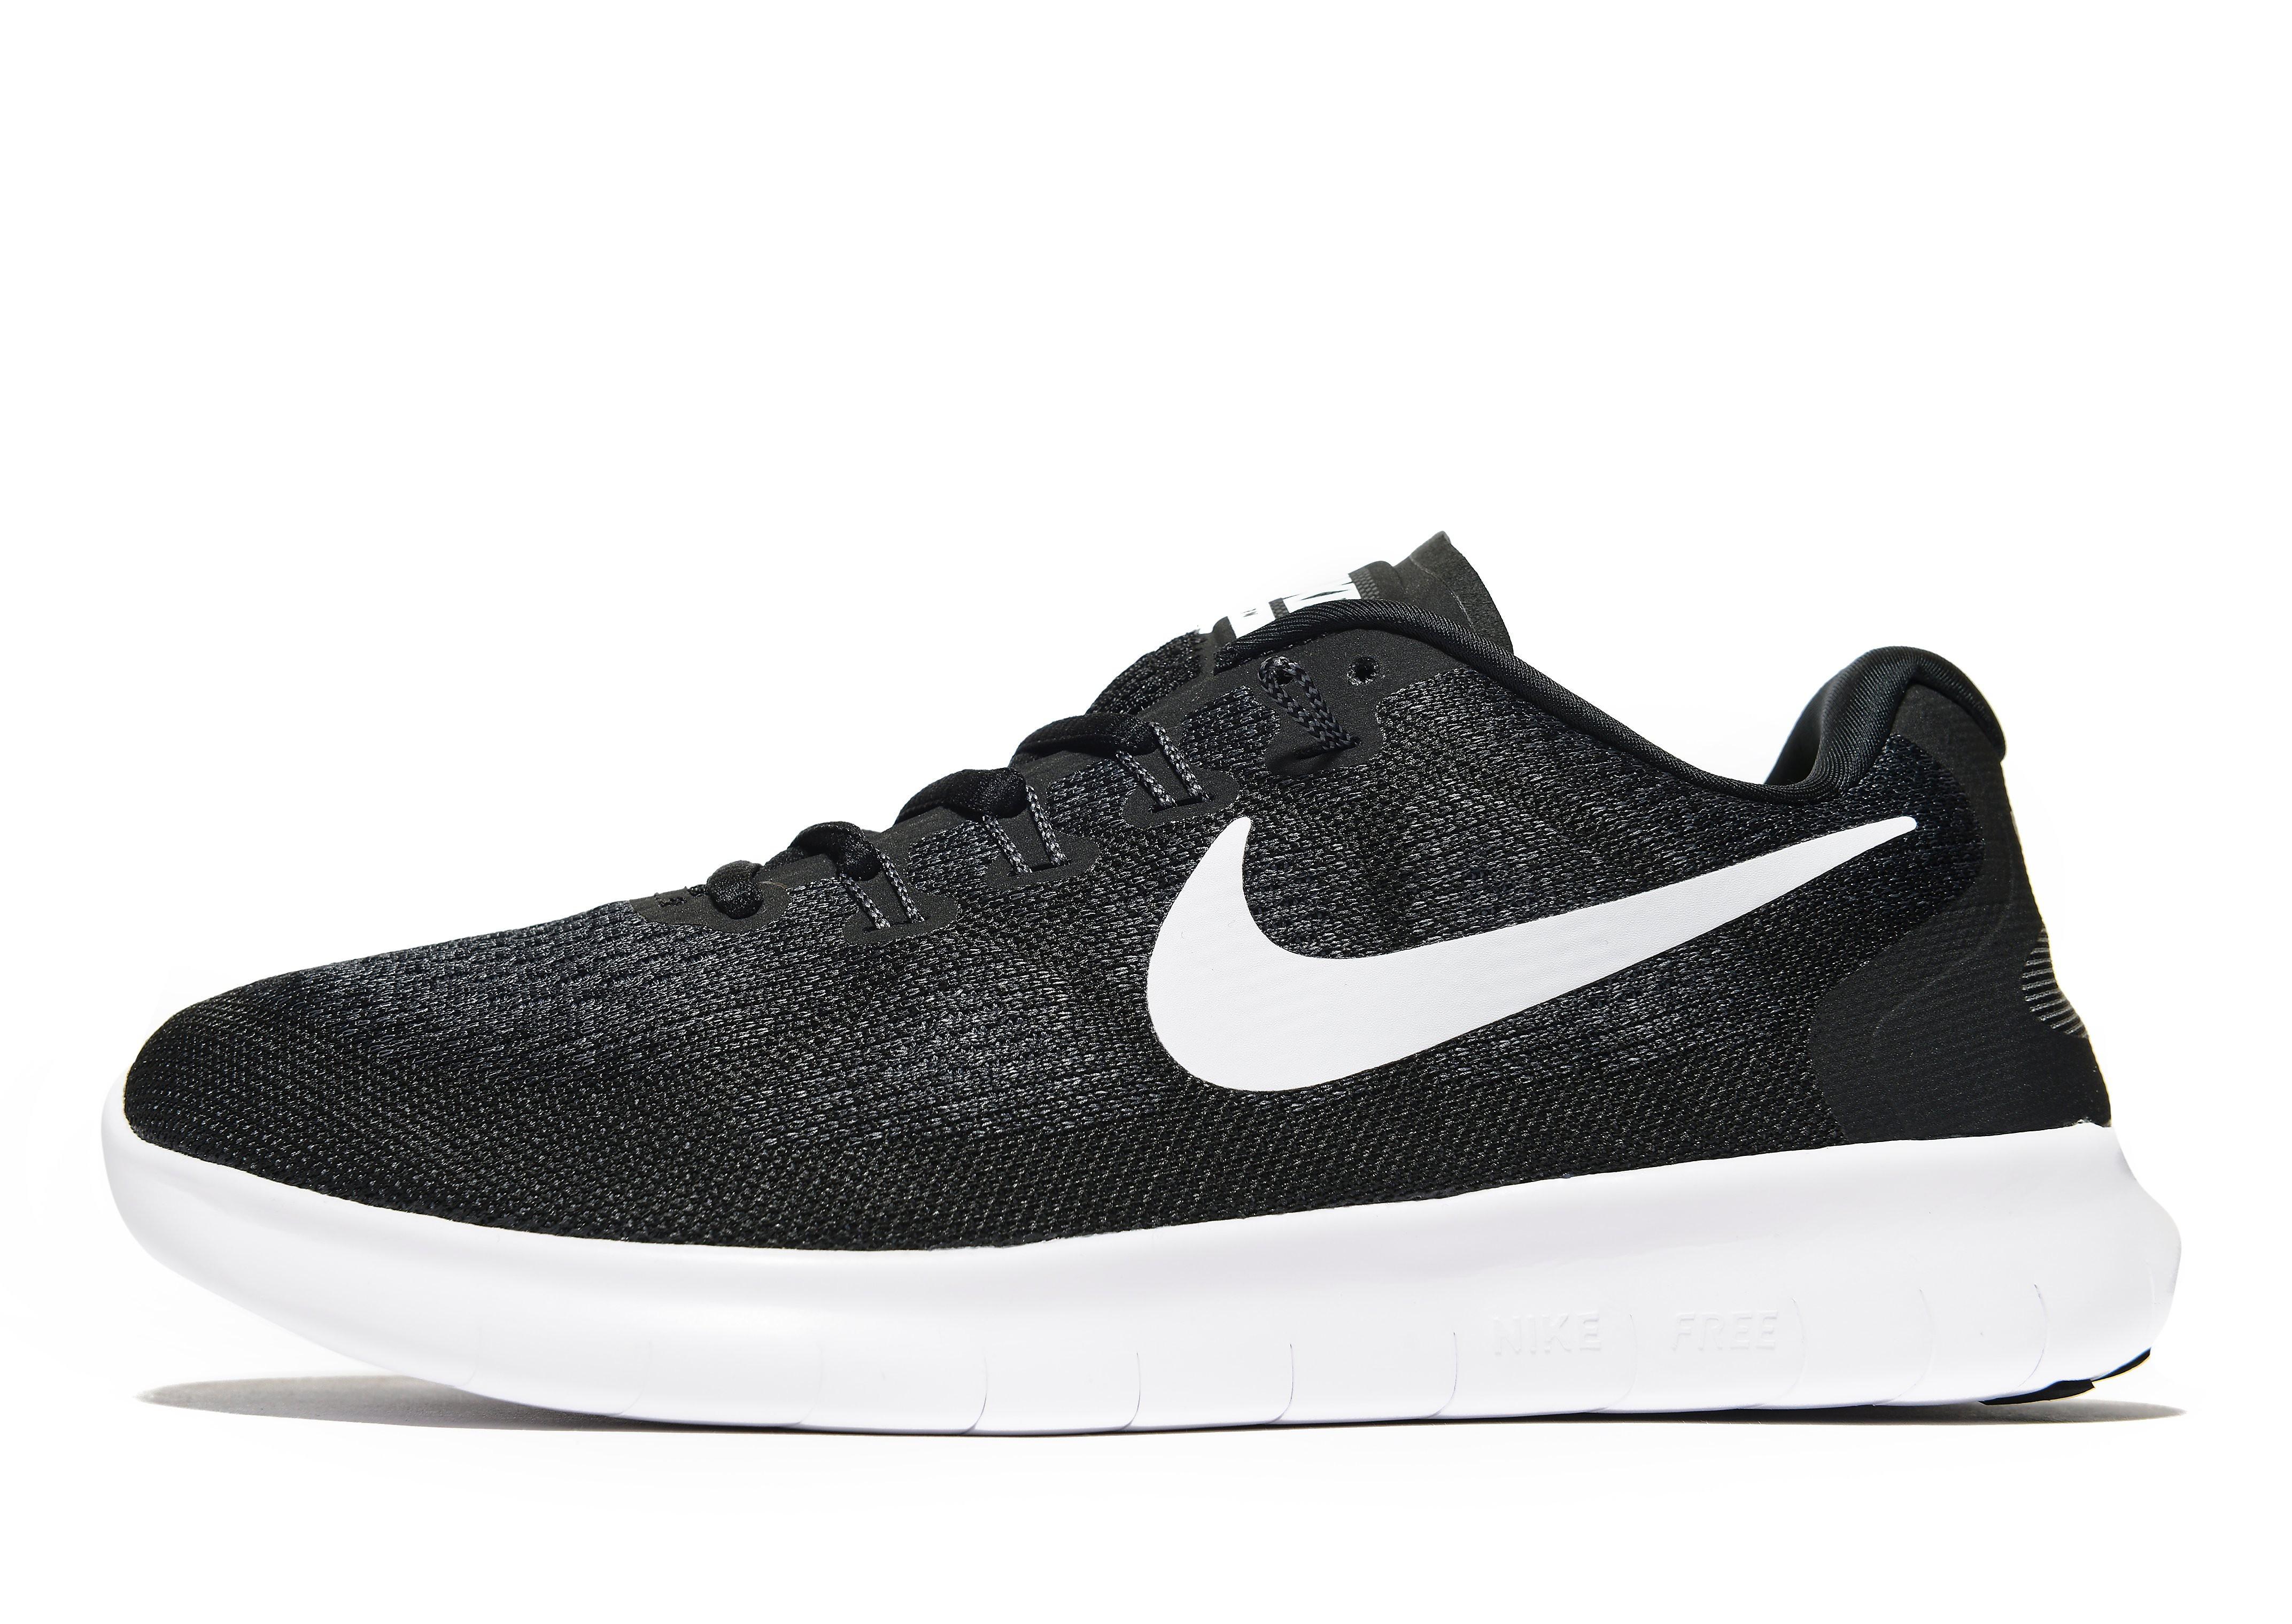 Nike FreeRN Femme